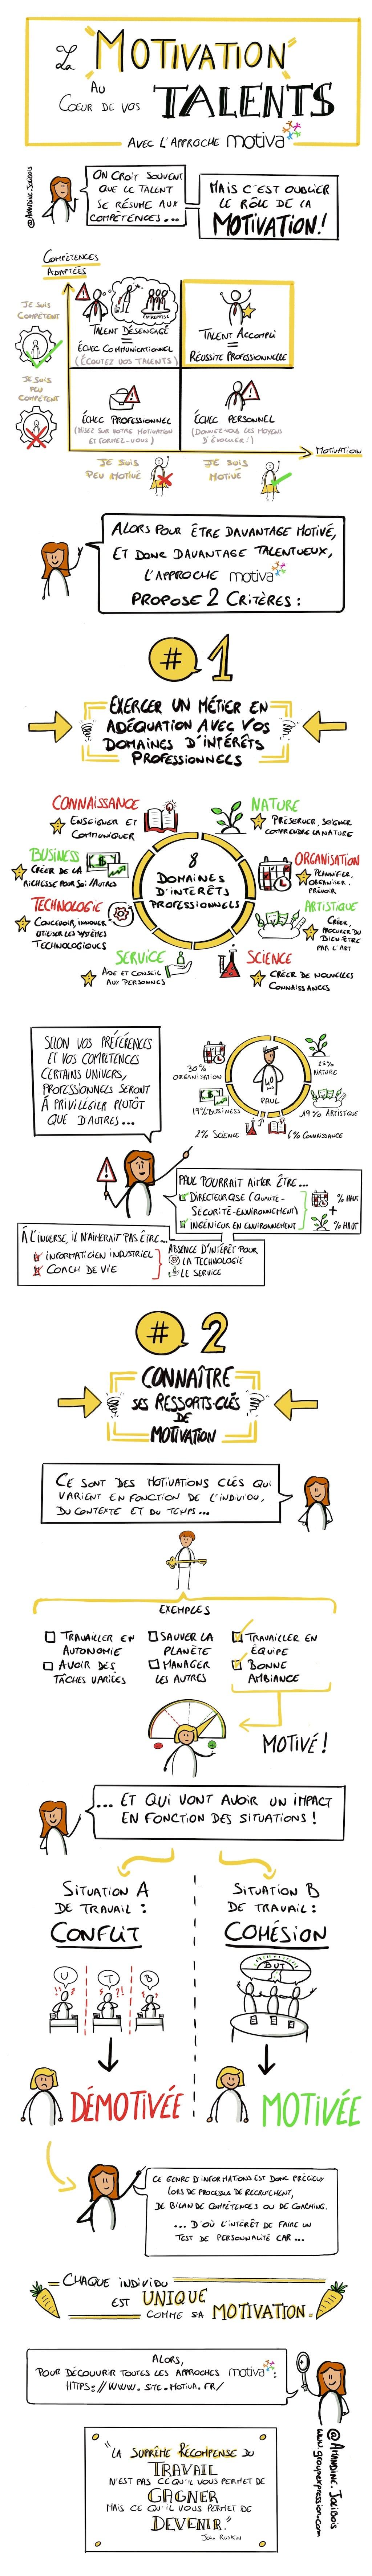 #sketchnote : Les leviers de #Motivation qui développent la Performance au travail